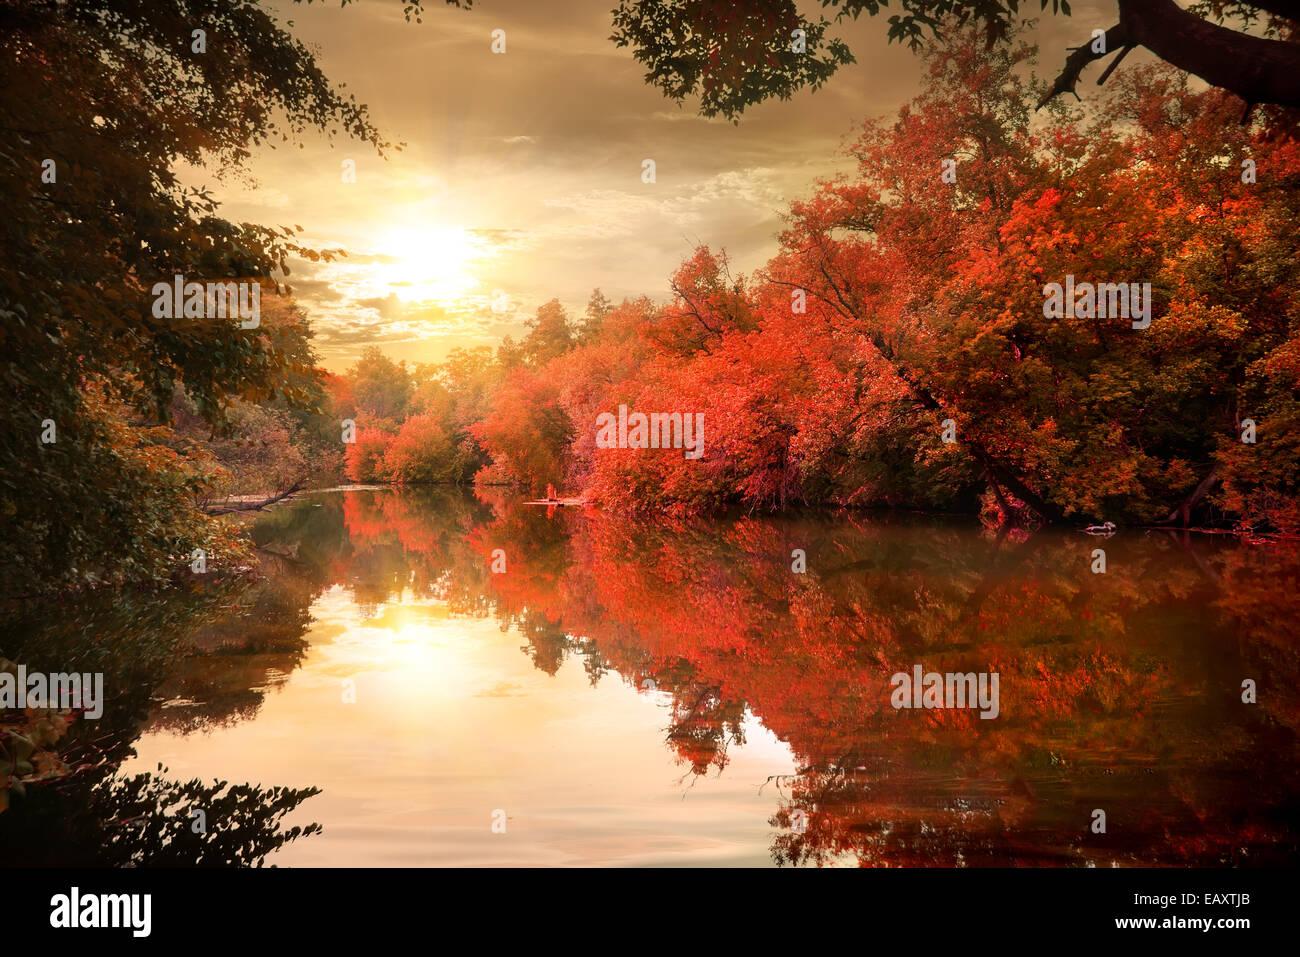 Lebendigen Farben von den herbstlichen Wald bei Sonnenuntergang Stockfoto